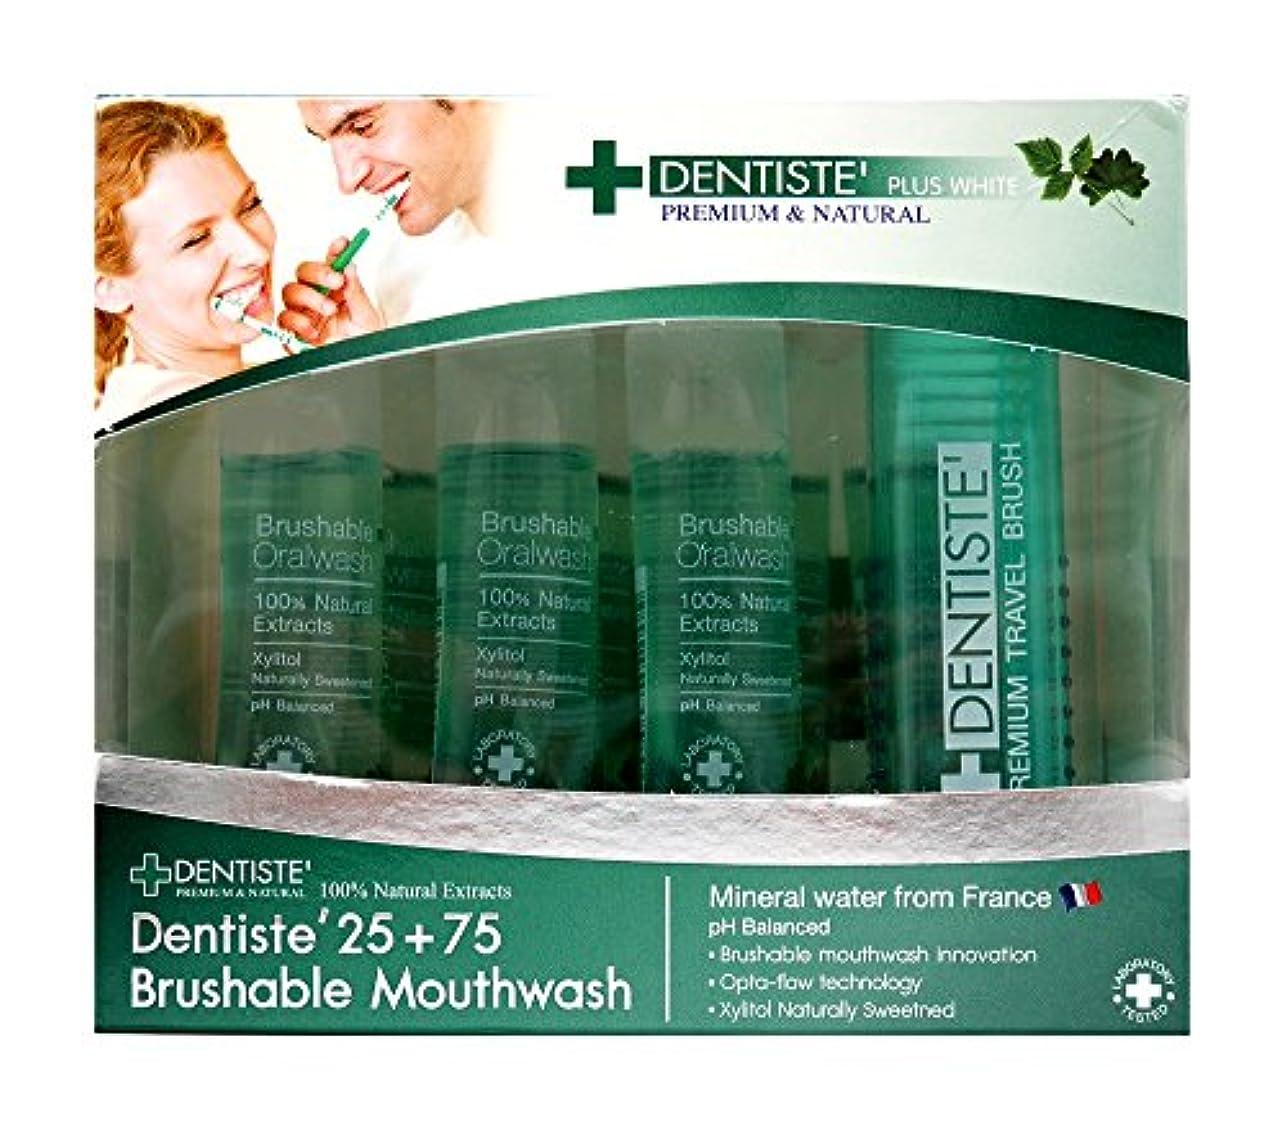 特徴スローガンマウス(デンティス)DENTISTE 液体歯磨き粉 12ml x 7本 収納式歯ブラシ付